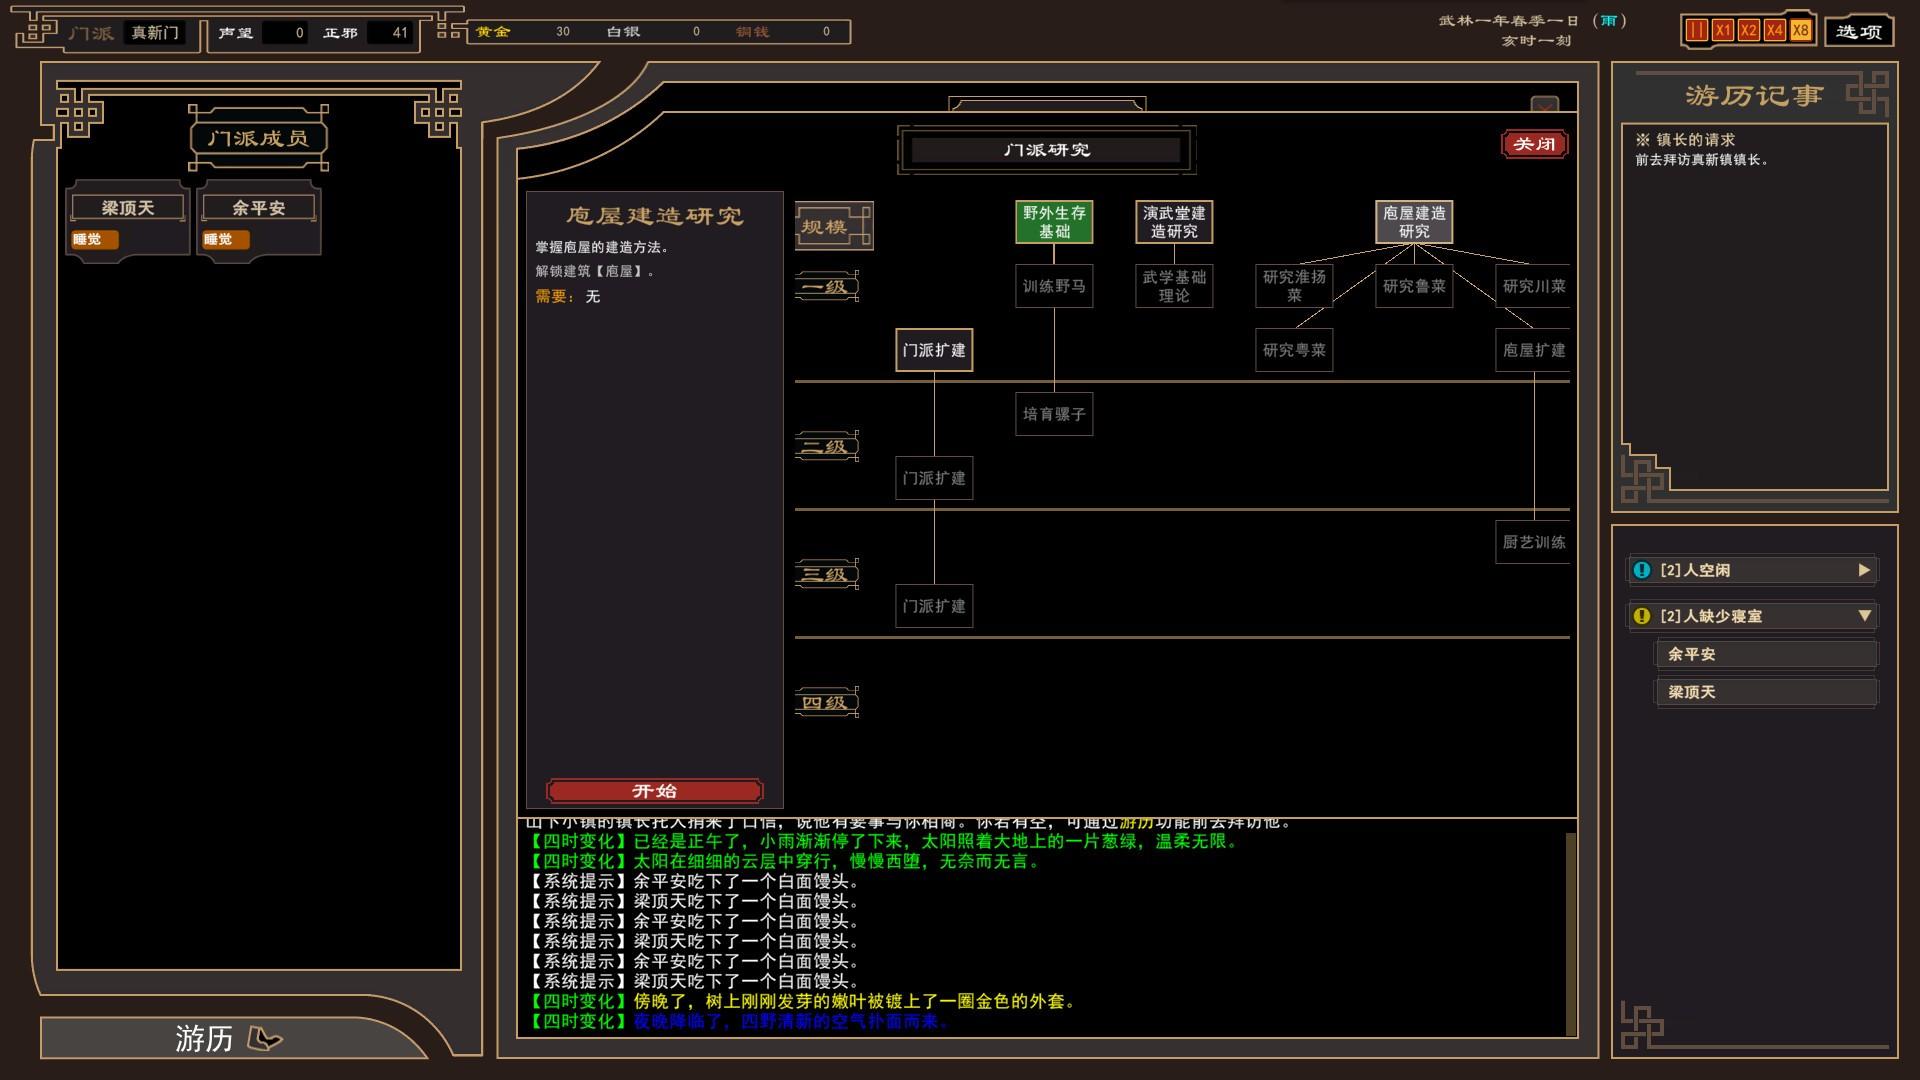 我来自江湖 官方高清截图(11)